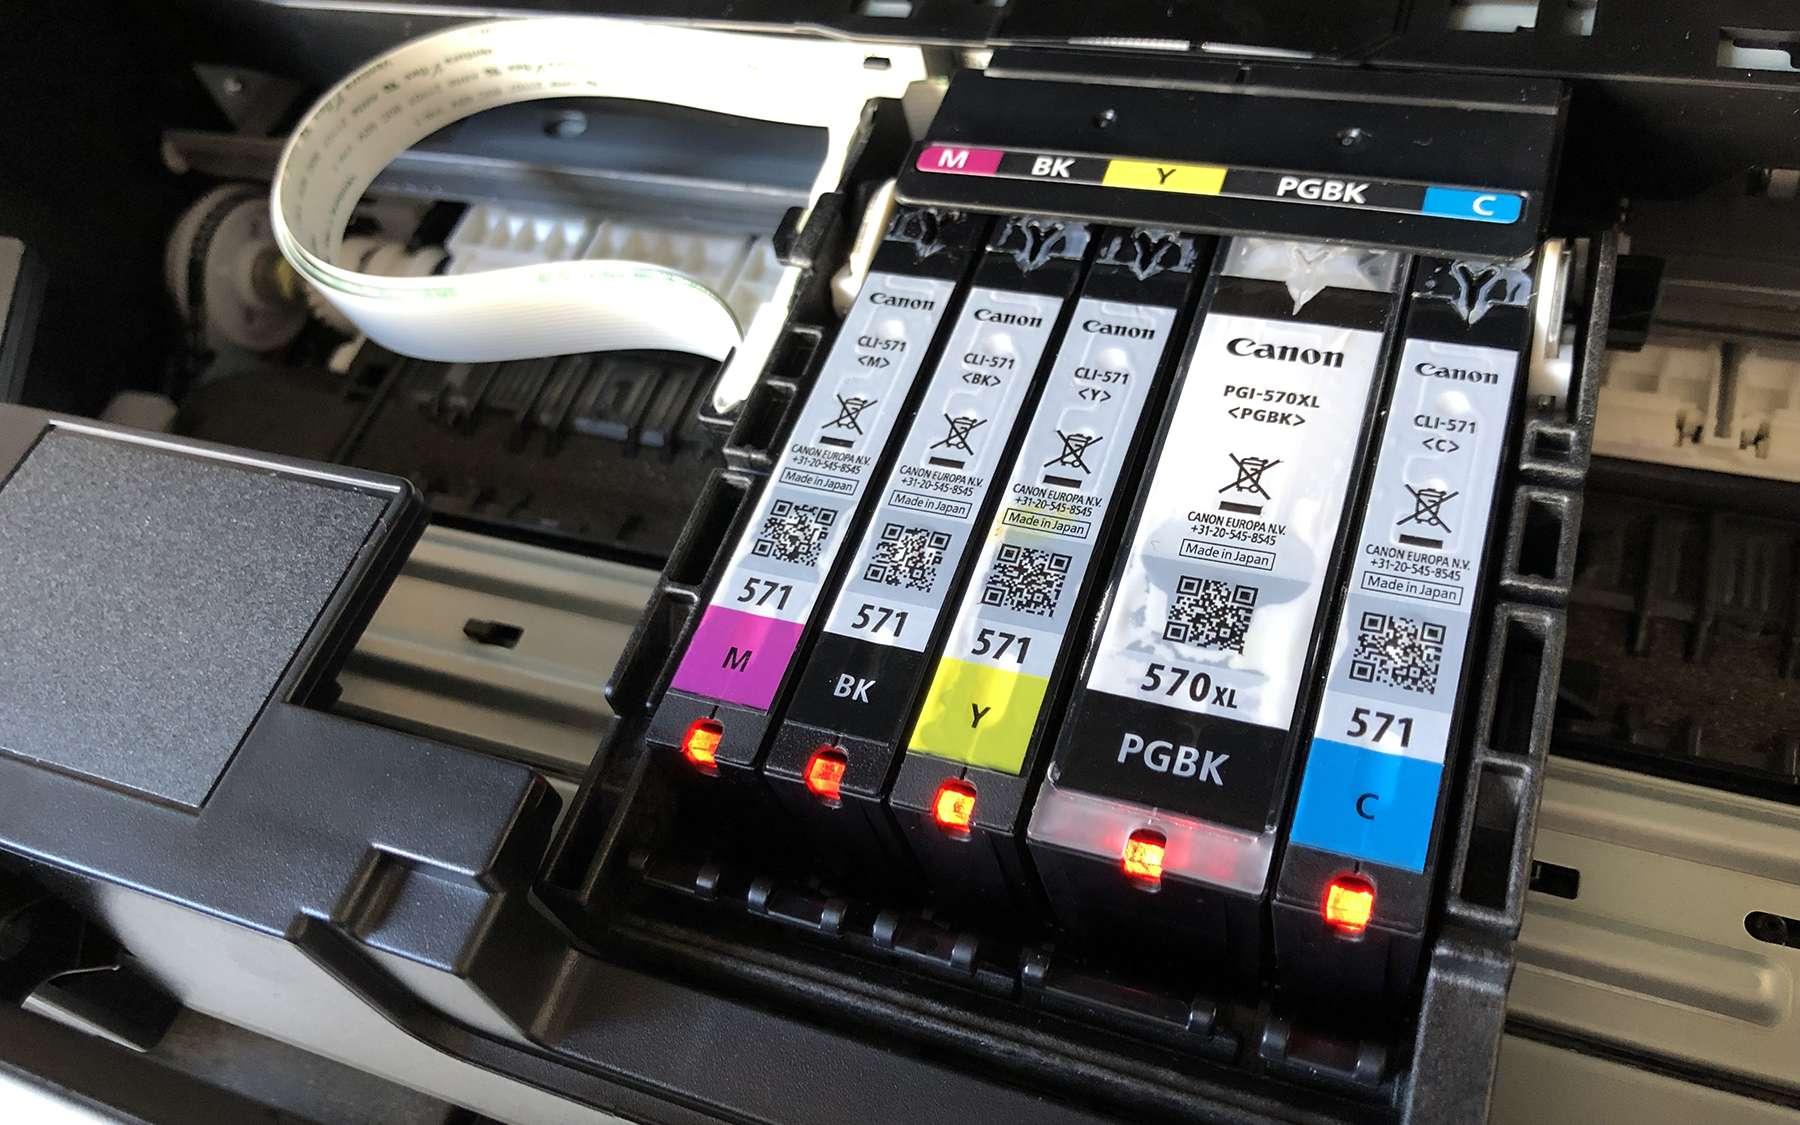 Cartouches d'imprimante Canon Pixma. © SR, Futura